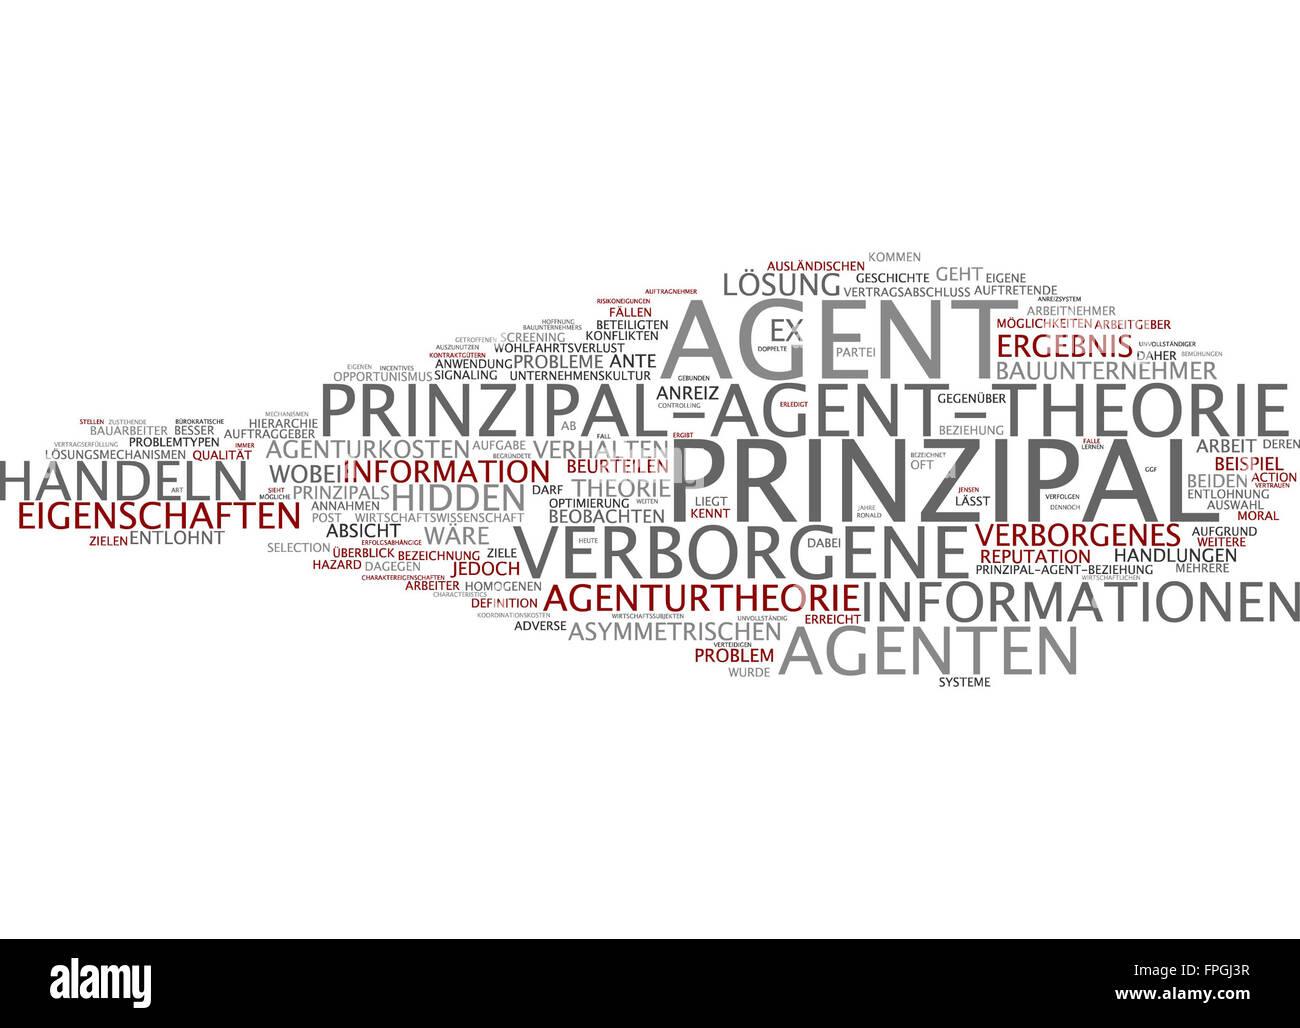 Prinzipal-Agent-Theorie Prinzipal Agent Theorie Stock Photo